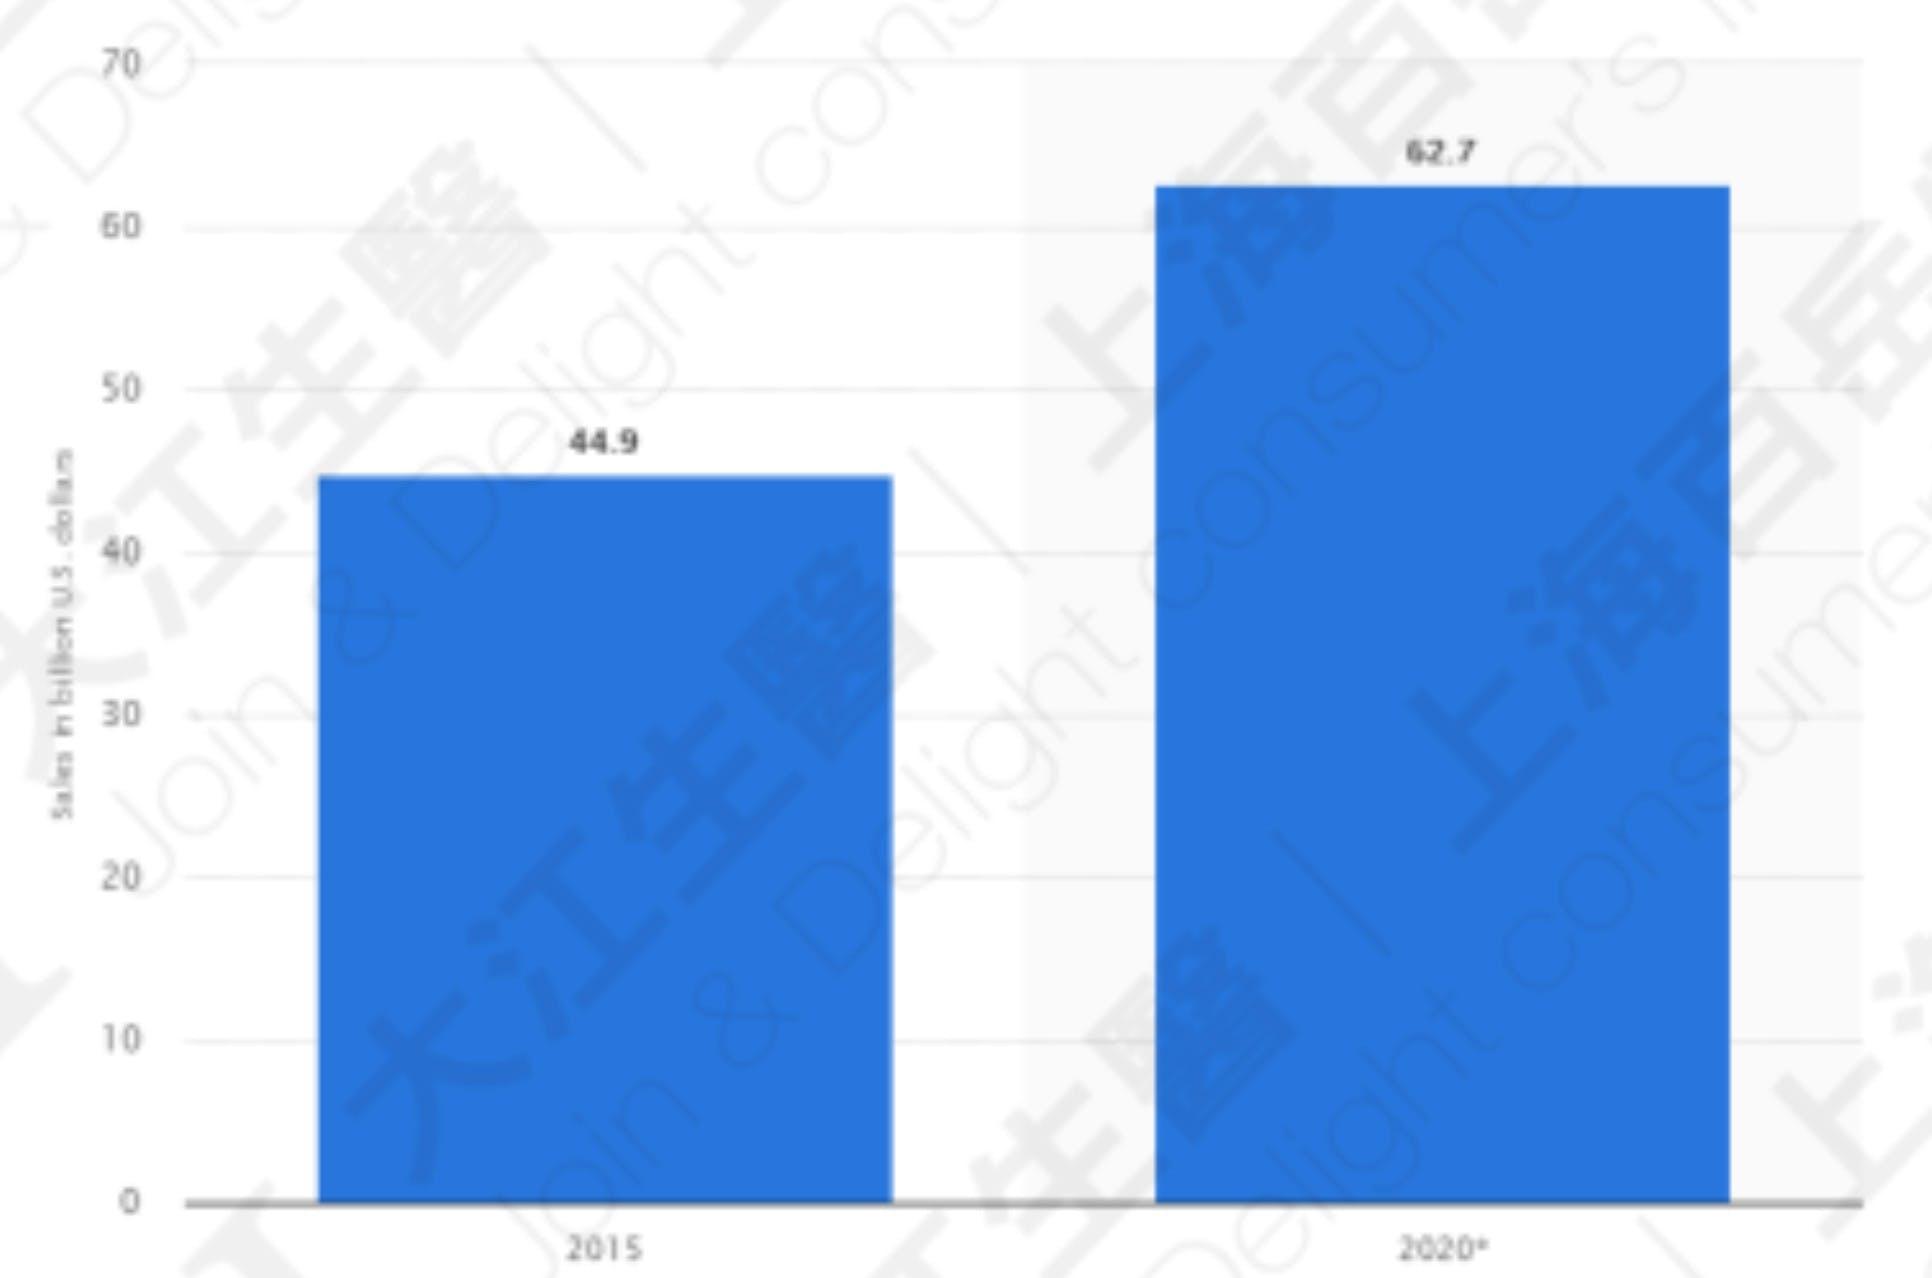 全球能量饮料市场规模2015&2020 资料来源:Statista